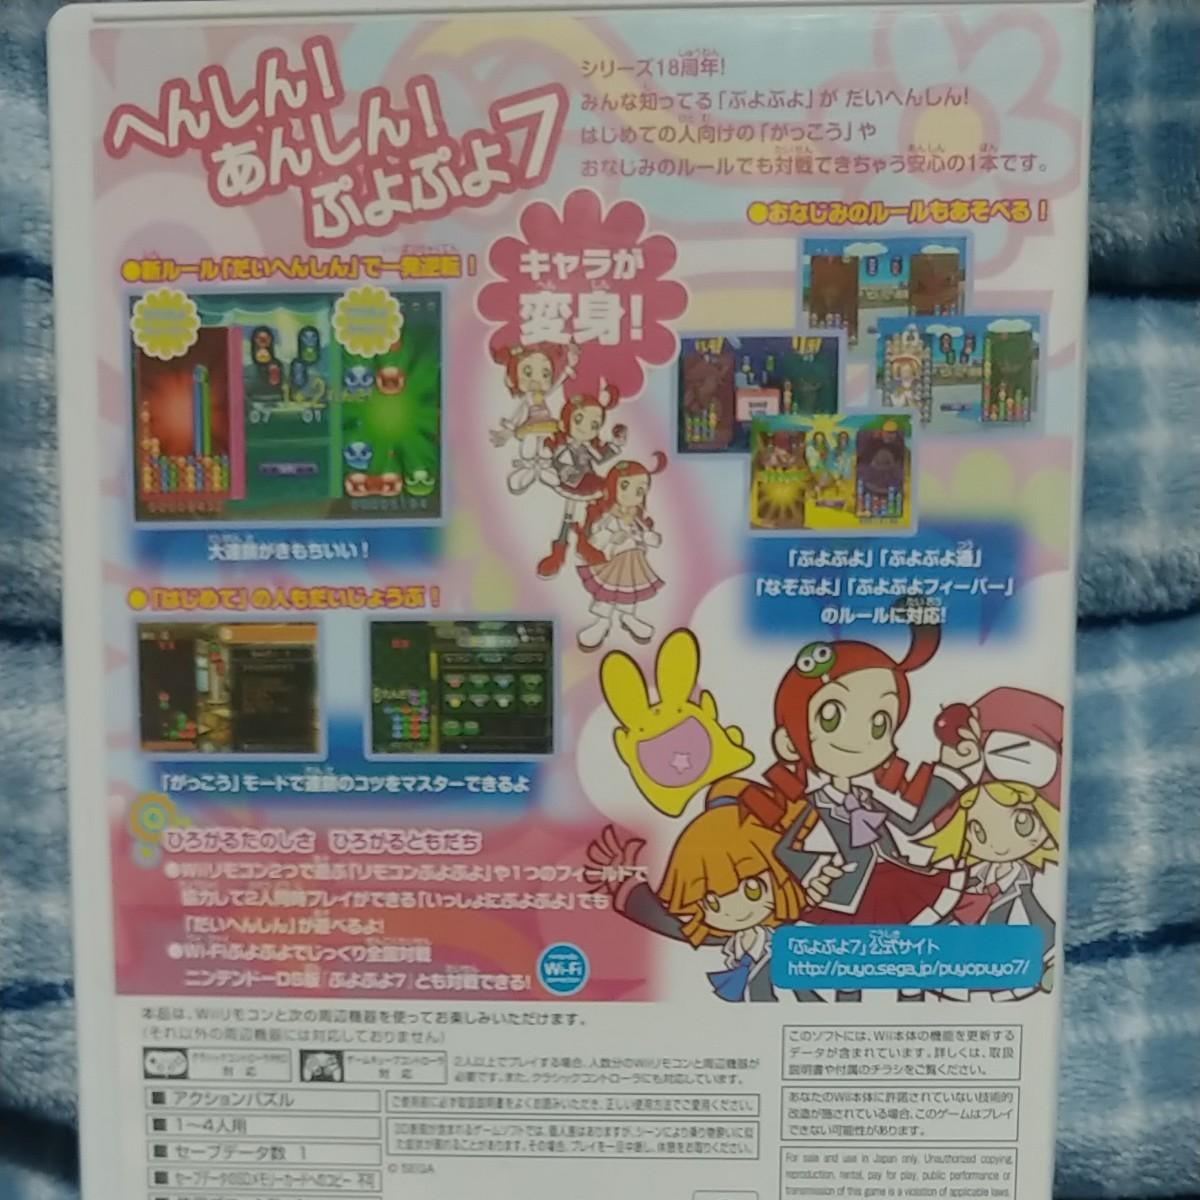 ぷよぷよ7 Wii